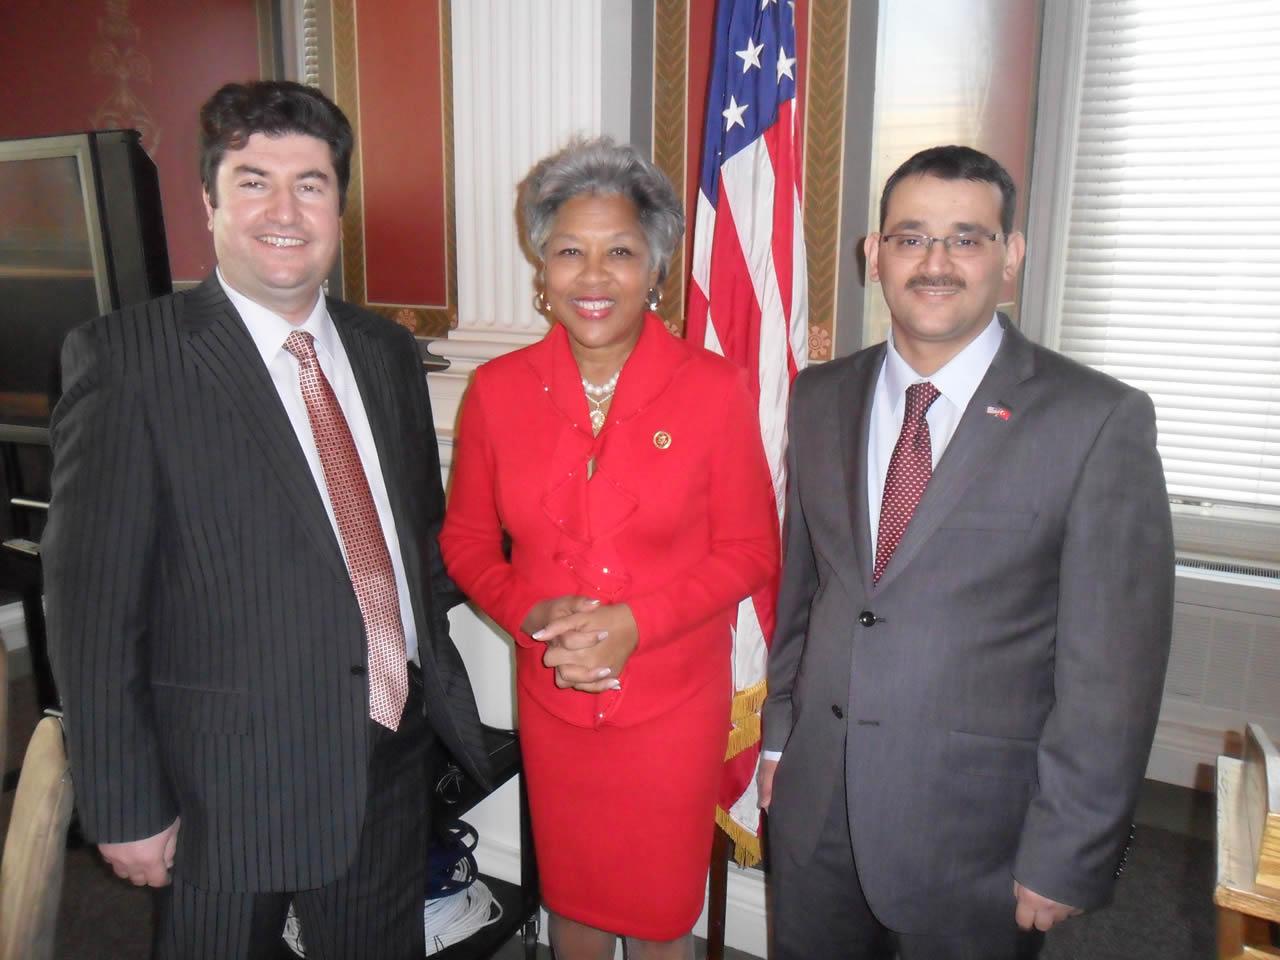 Ohio Türk-Amerikan Derneği, Temsilciler Meclisi'nin açılışı için Washington'a gitti